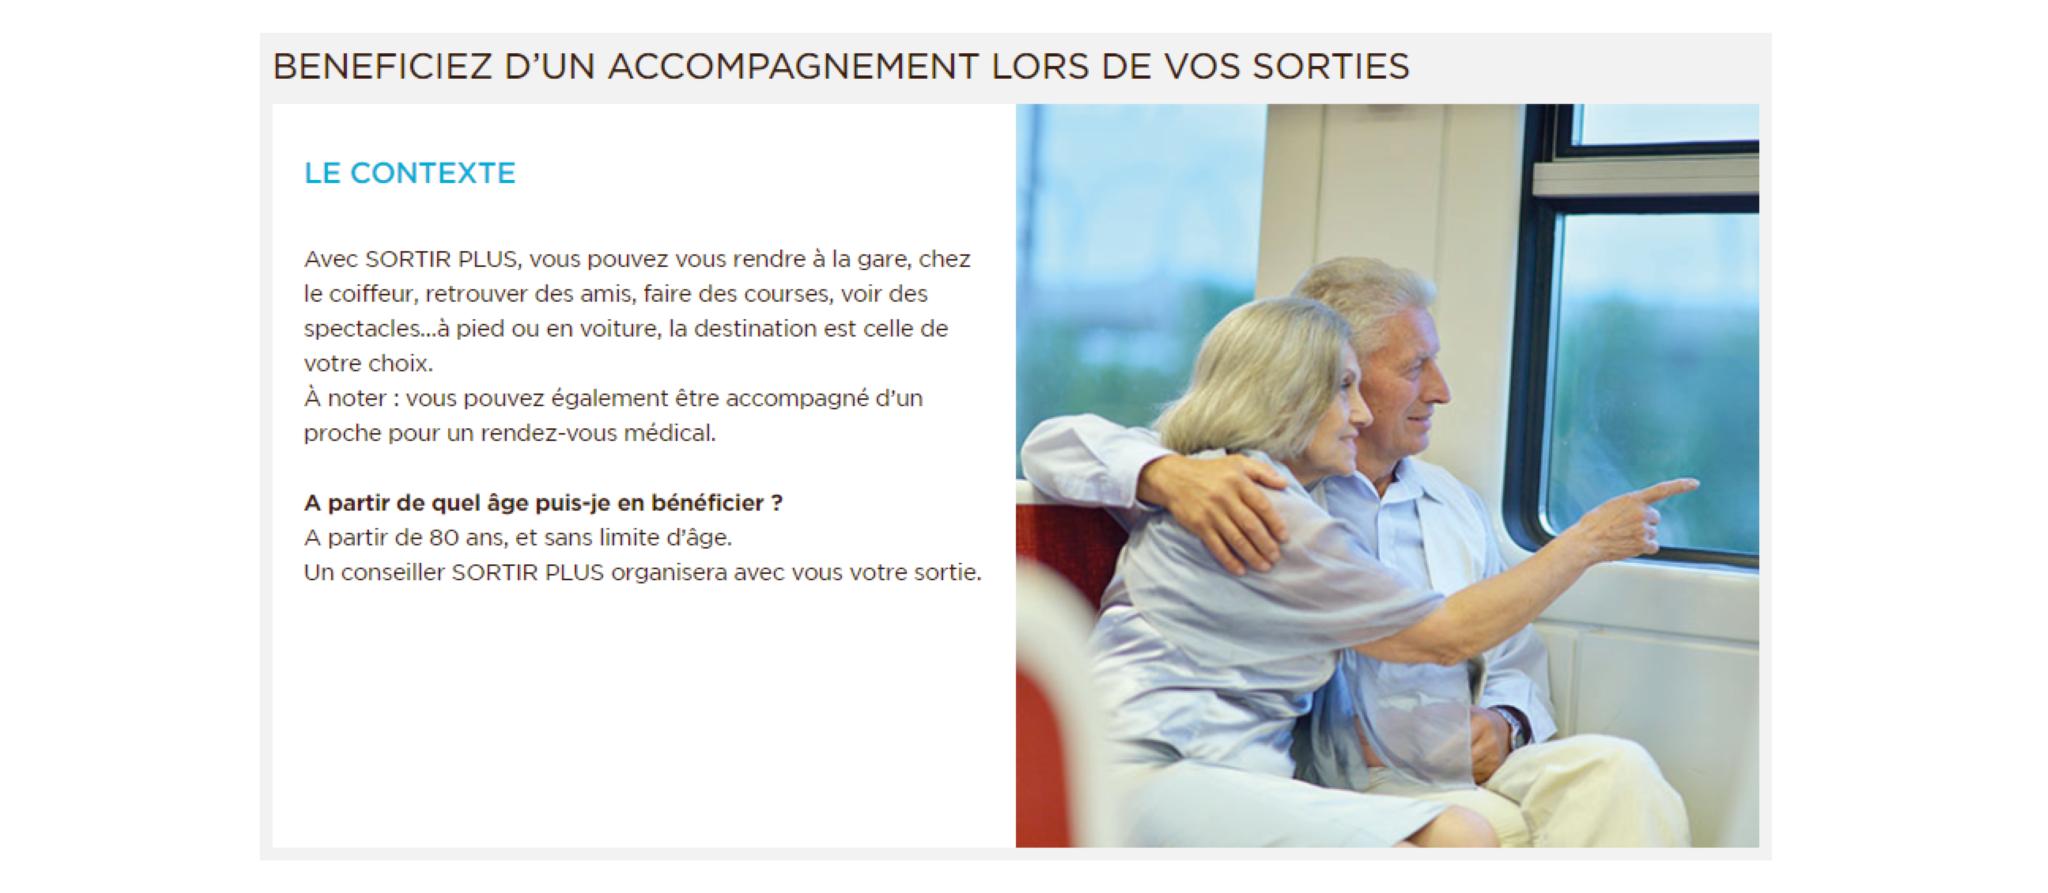 «Sortir plus», le dispositif qui finance l'accompagnement des sorties des seniors de plus de 80 ans